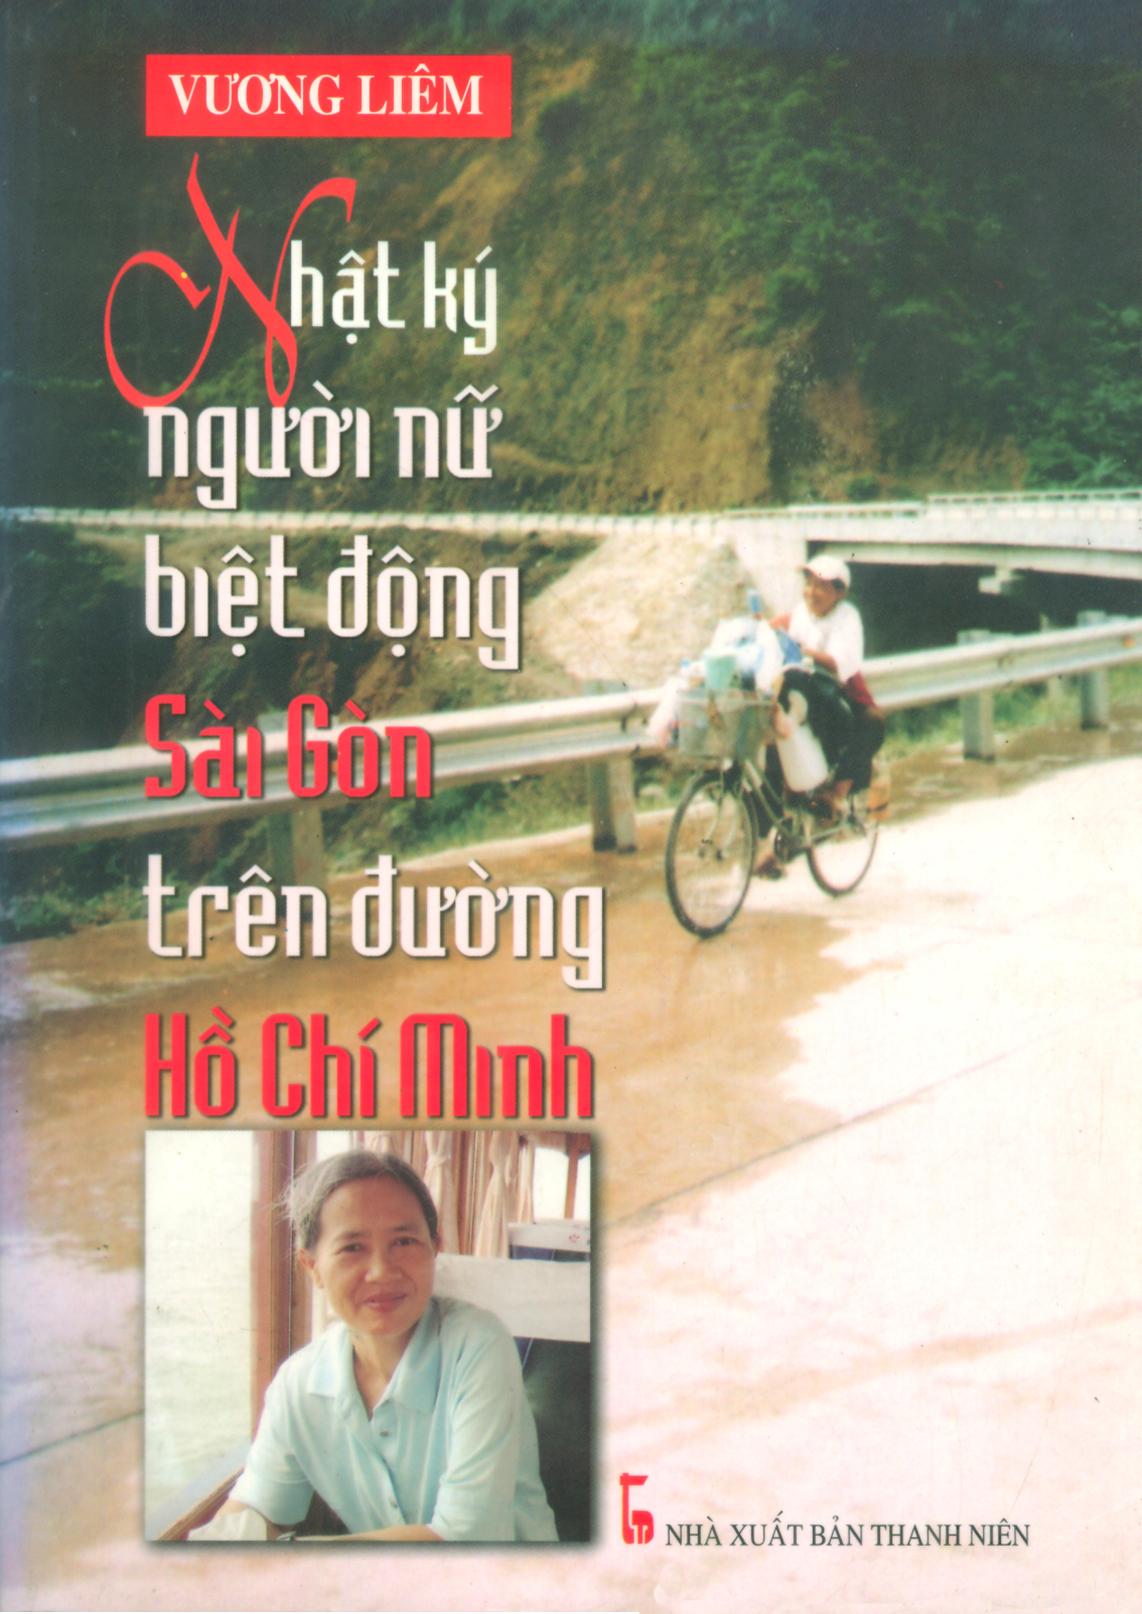 Nhật ký Người nữ biệt động Sài gòn trên đường Hồ Chí Minh